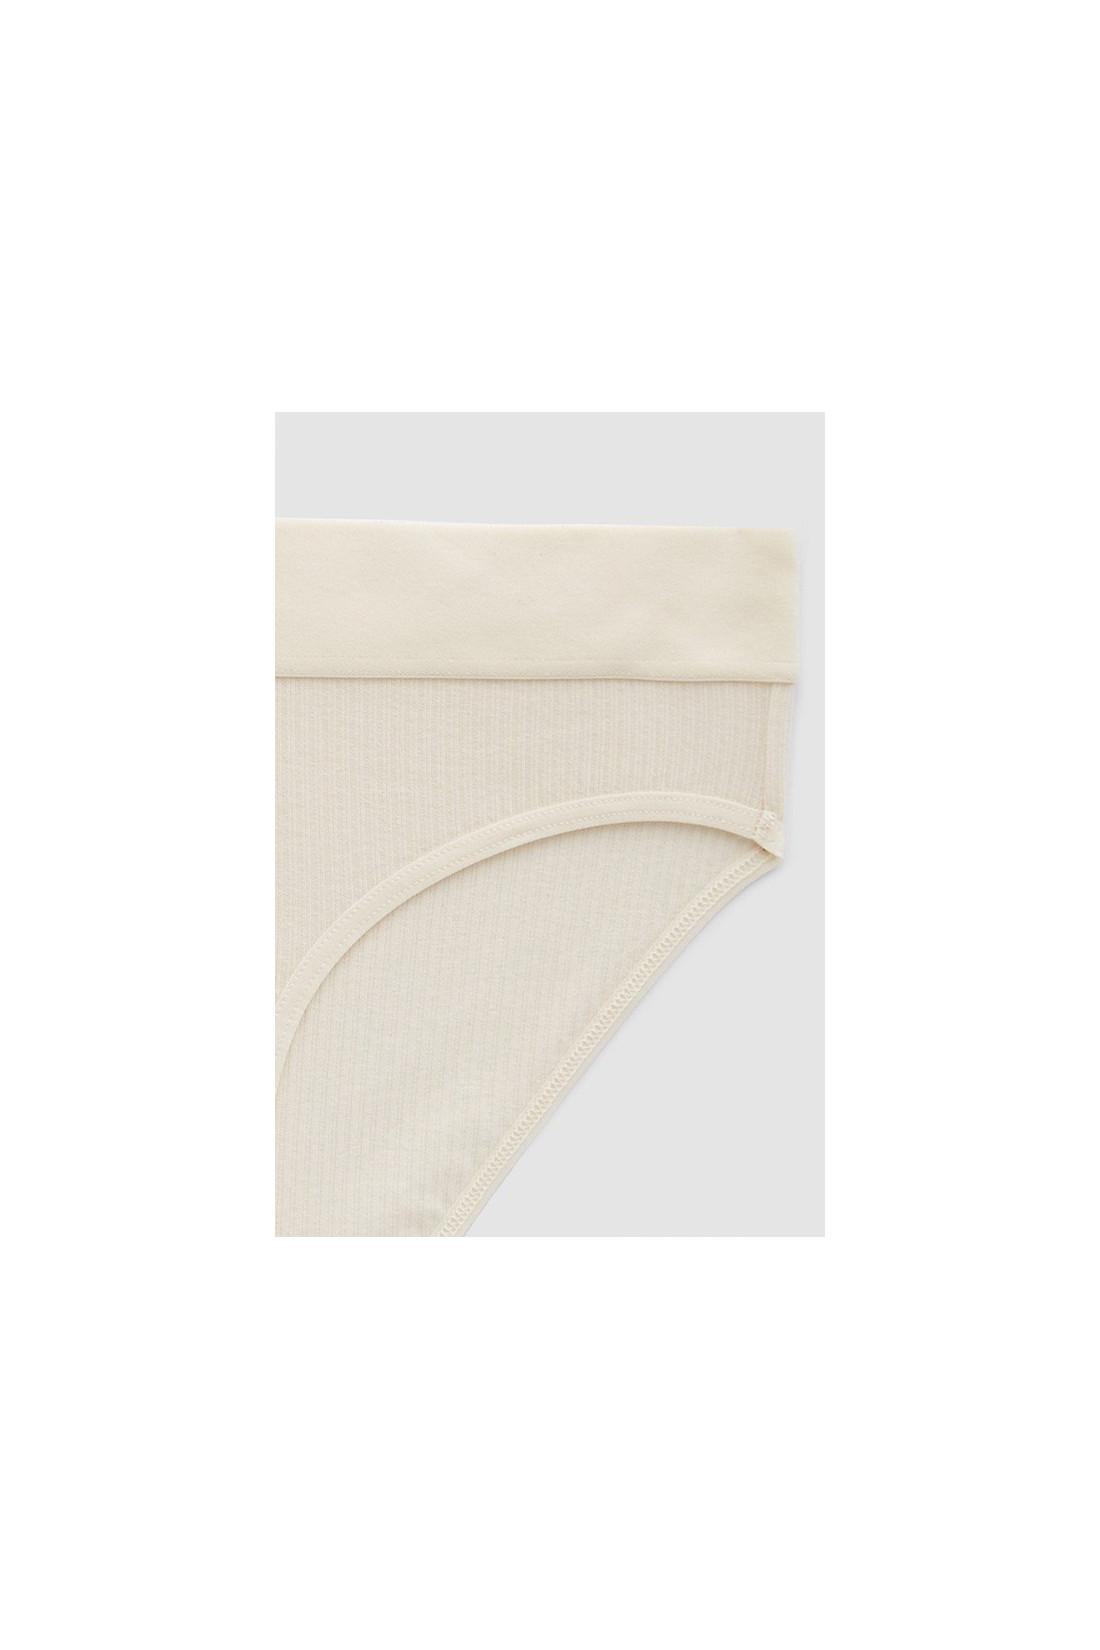 BASERANGE FOR WOMAN / Elastic bell pants Off white